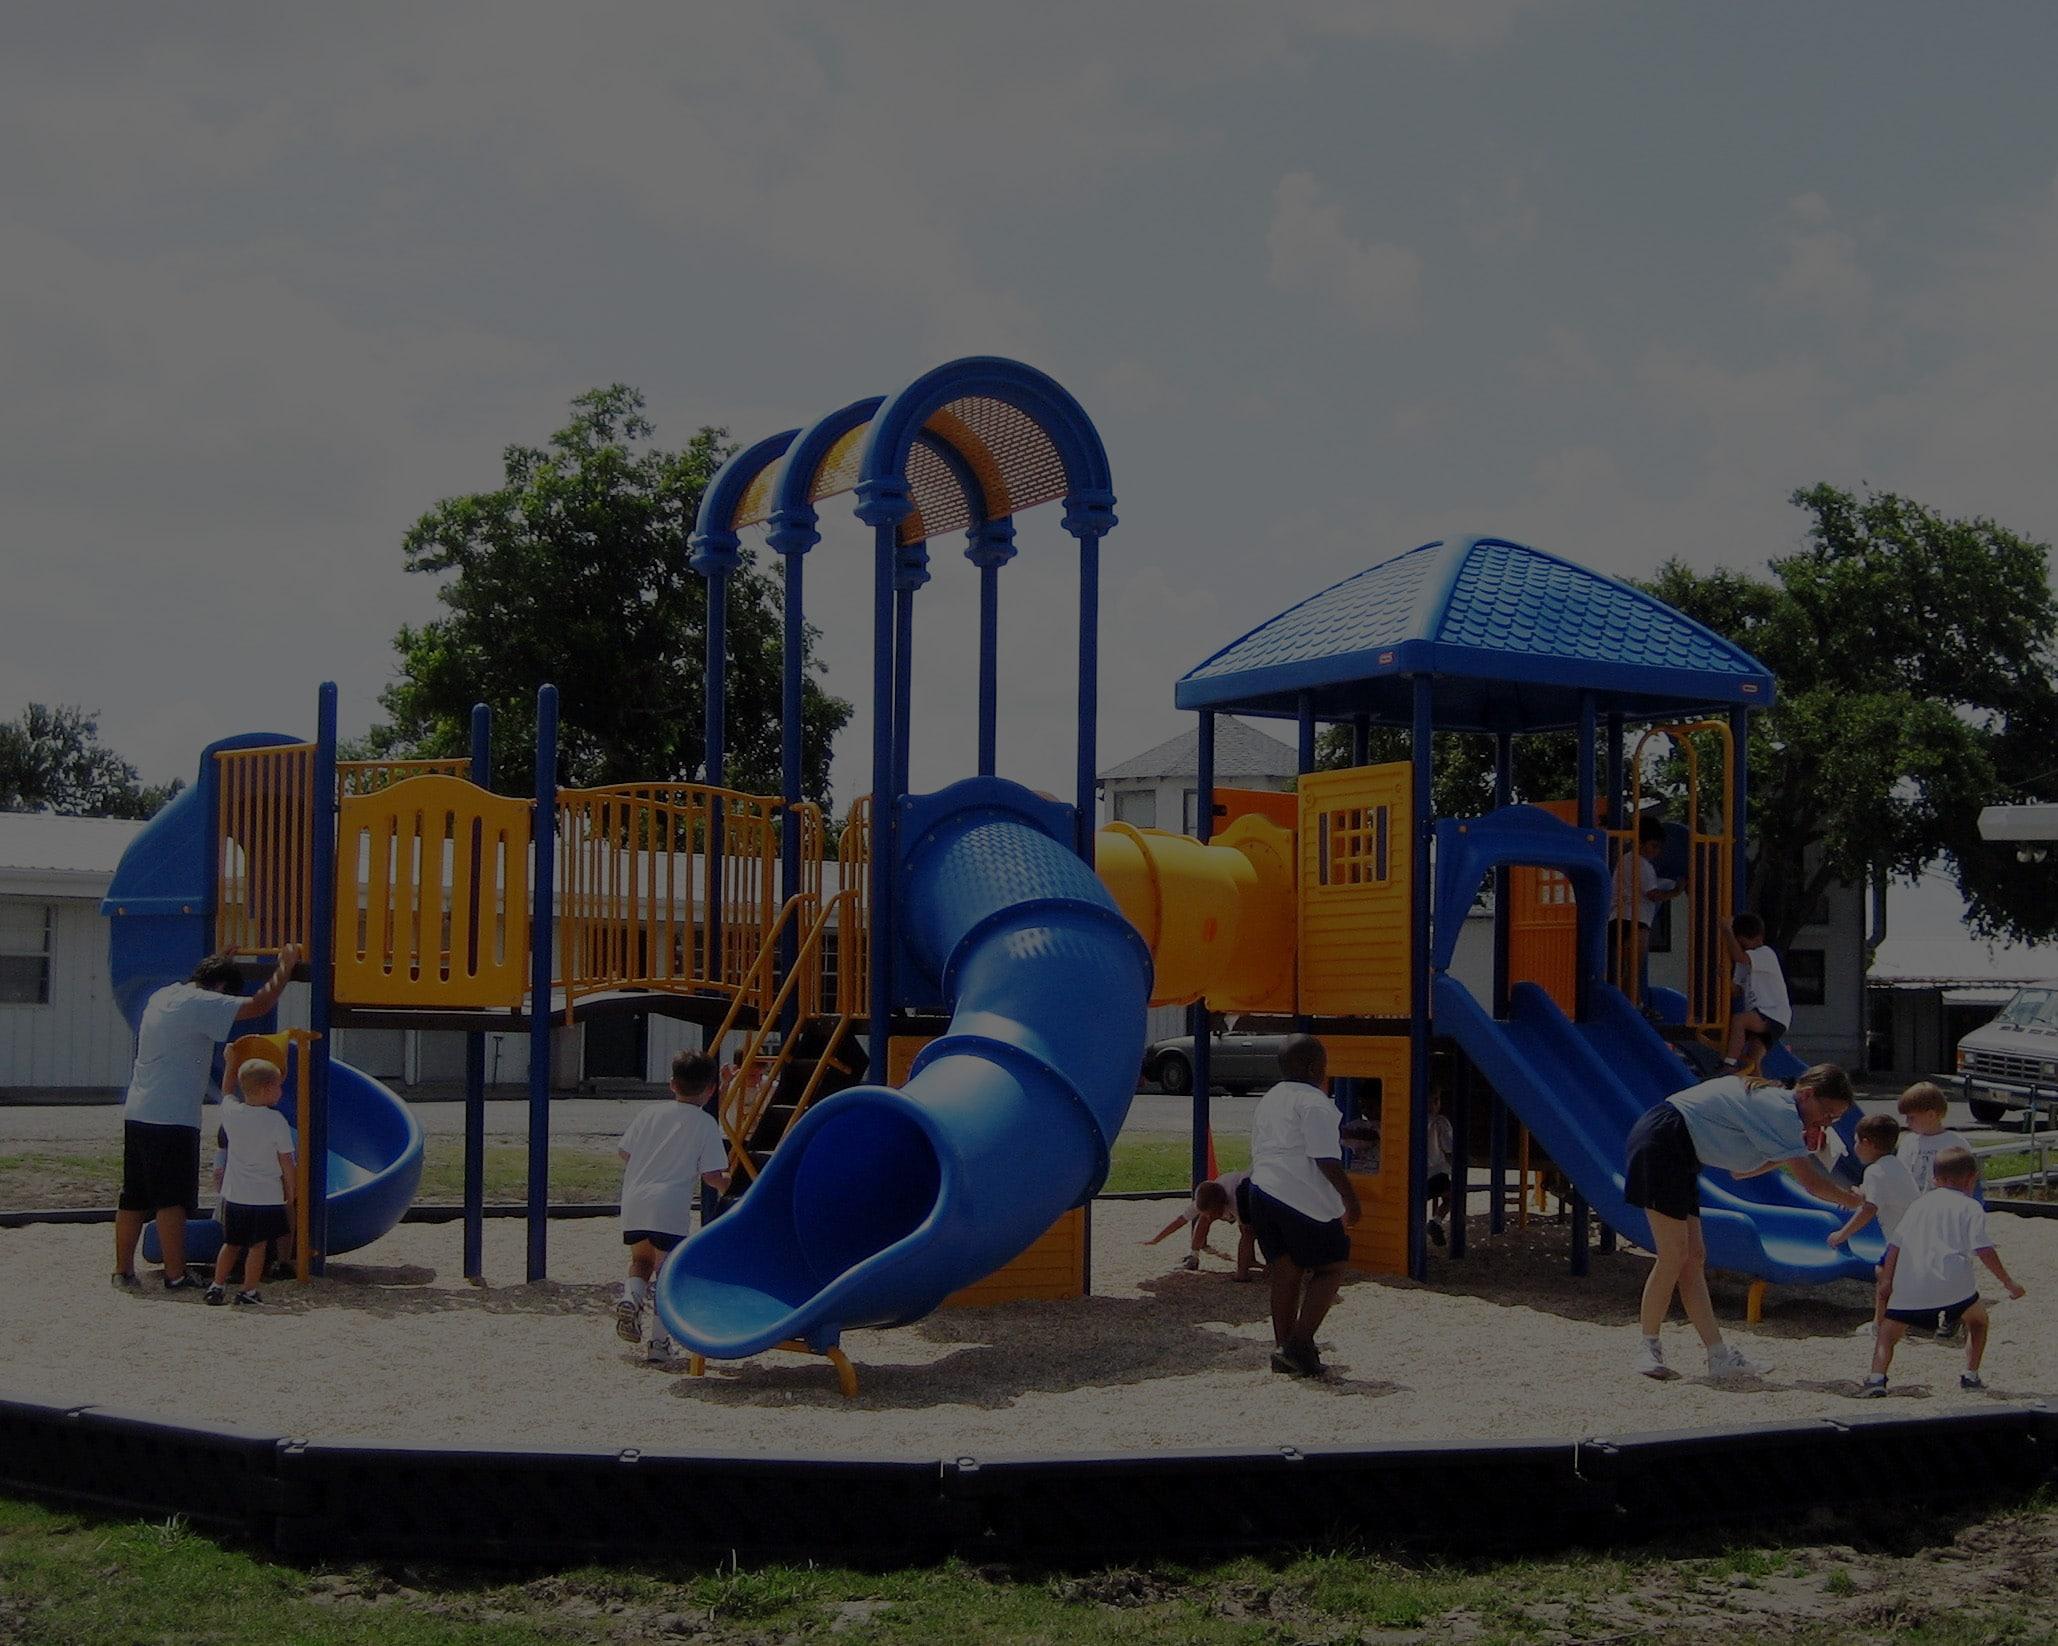 Thiết bị sân chơi liên hoàn và cát của trẻ em châu Âu